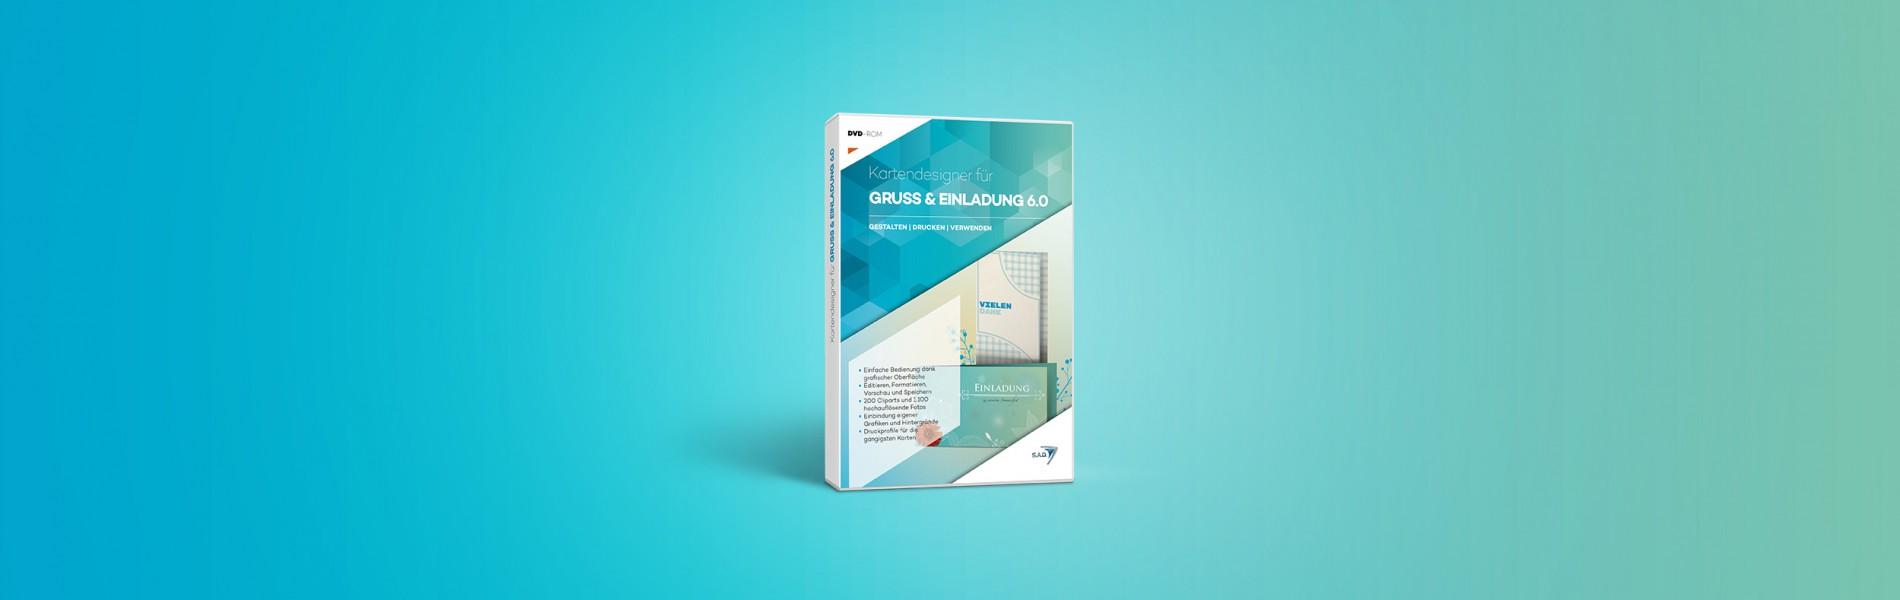 S.A.D. Kartendesigner für Gruß und Einladung 6.0